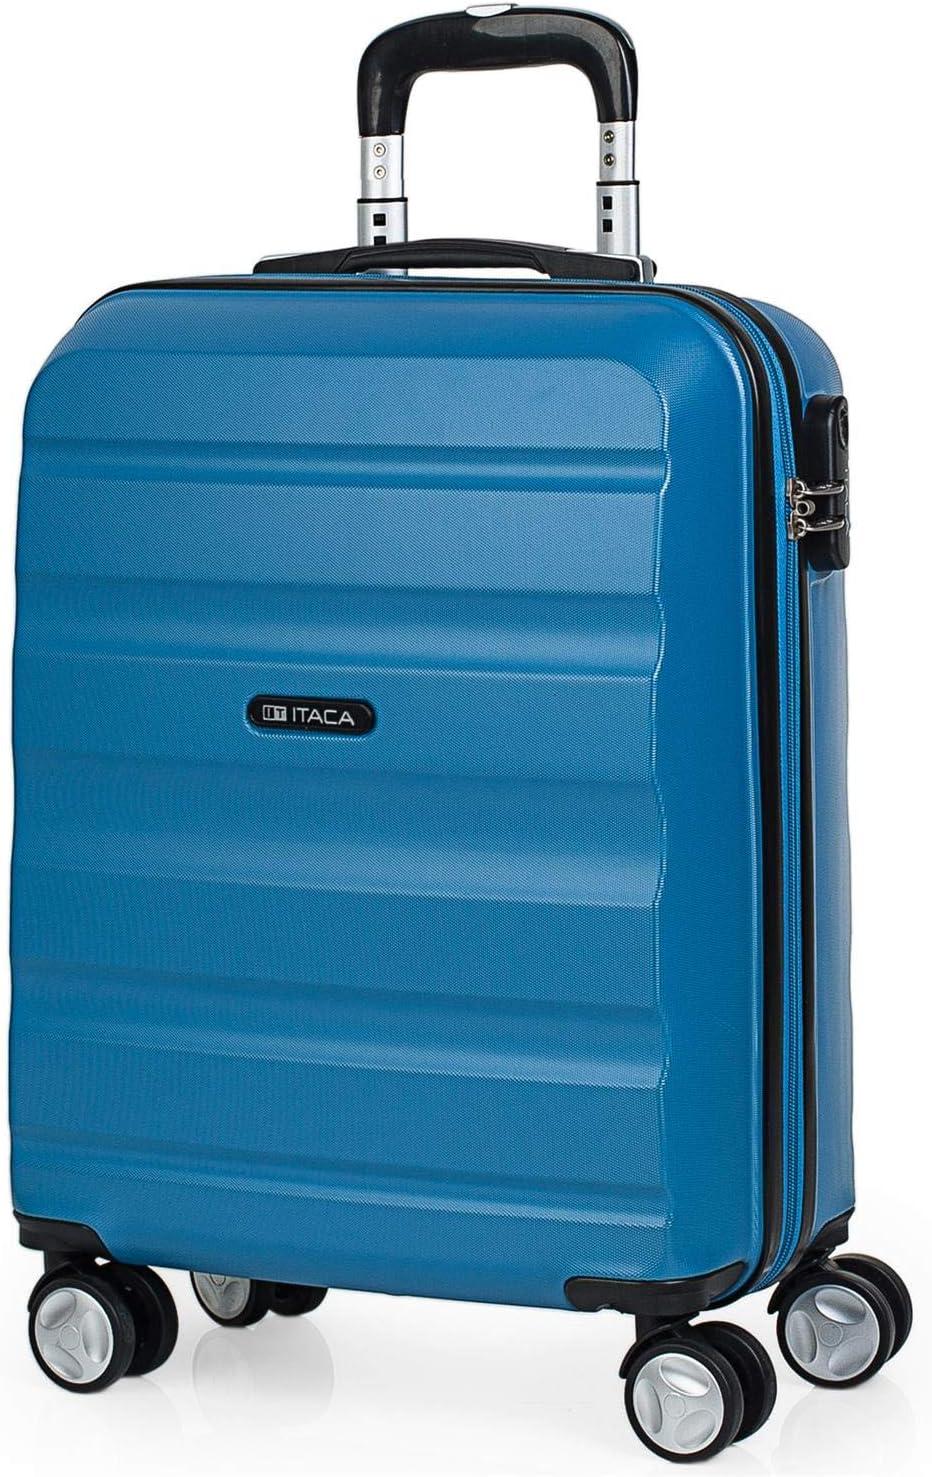 ITACA - Maleta de Viaje 55x40x20 cm Cabina Trolley ABS Lisa. Equipaje de Mano. Pequeña Rígida Práctica y Ligera. 4 Ruedas y Candado. Calidad y Diseño. Viajes Cortos, T71650